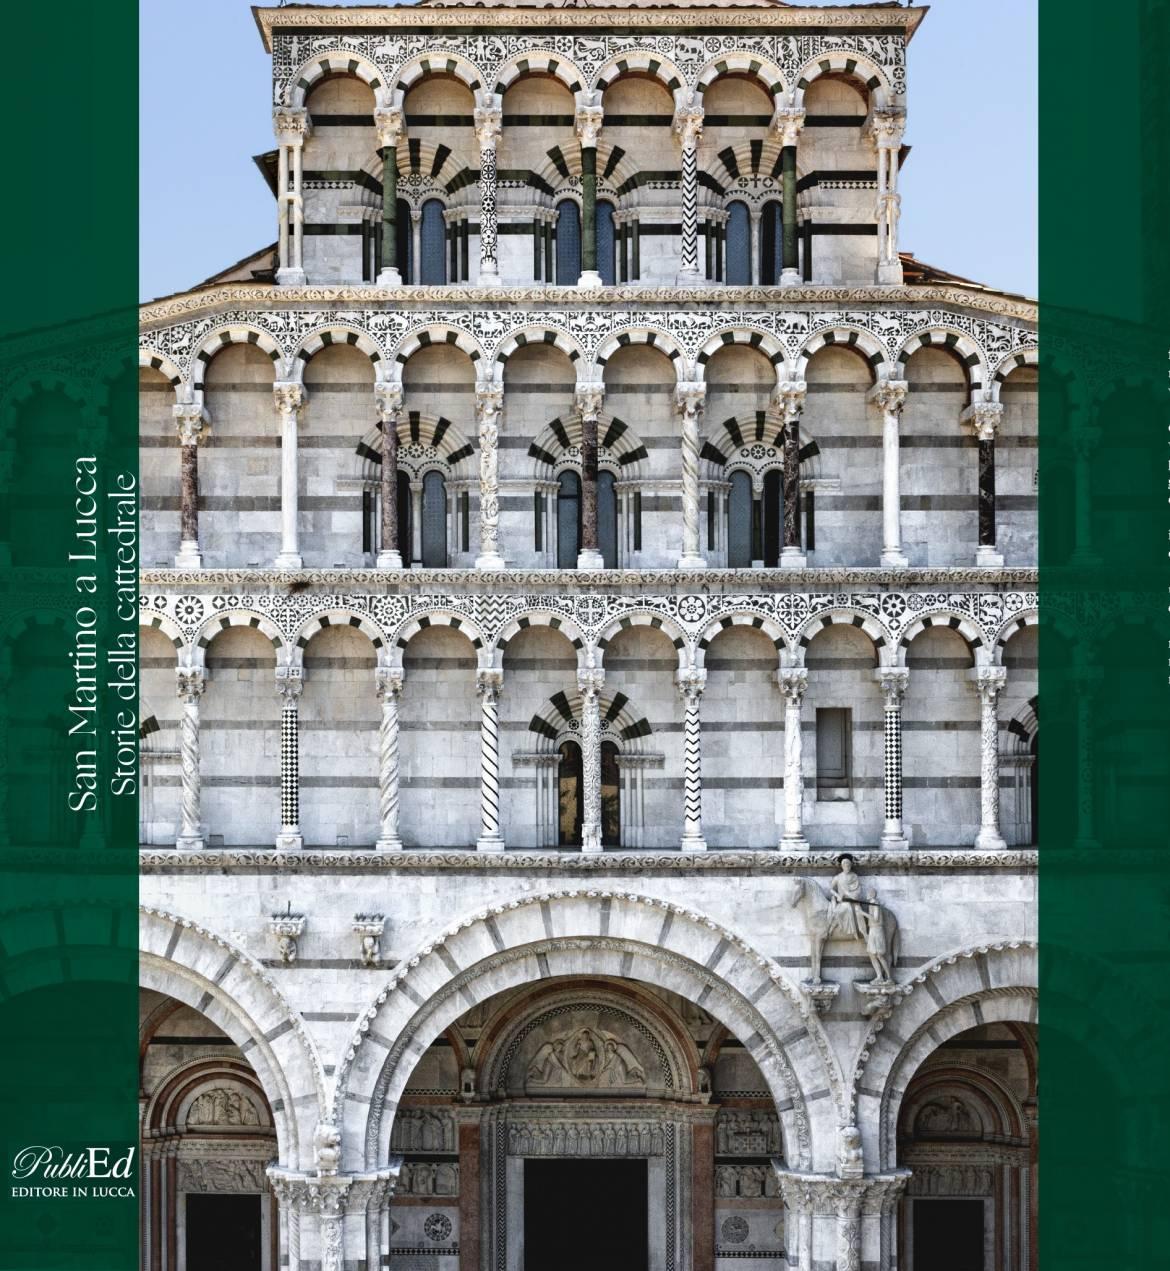 copertina-italiano-1.jpg